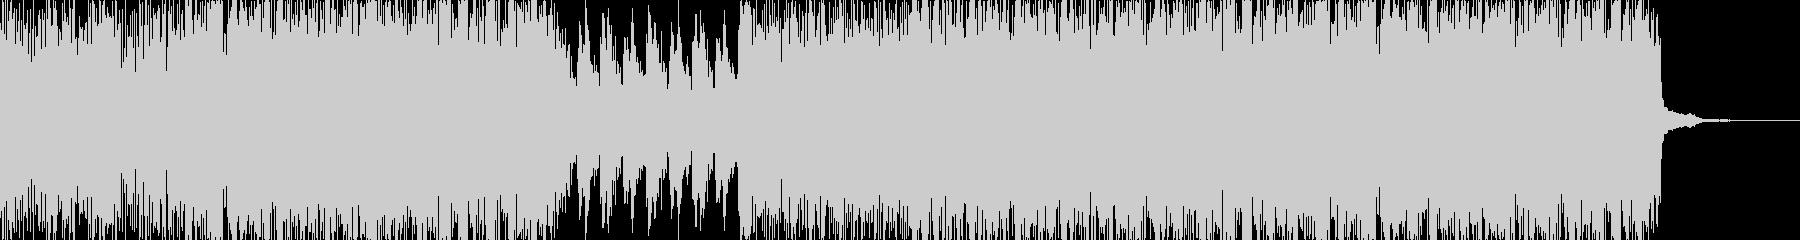 緊迫感のあるサイバーなリズムBGMの未再生の波形